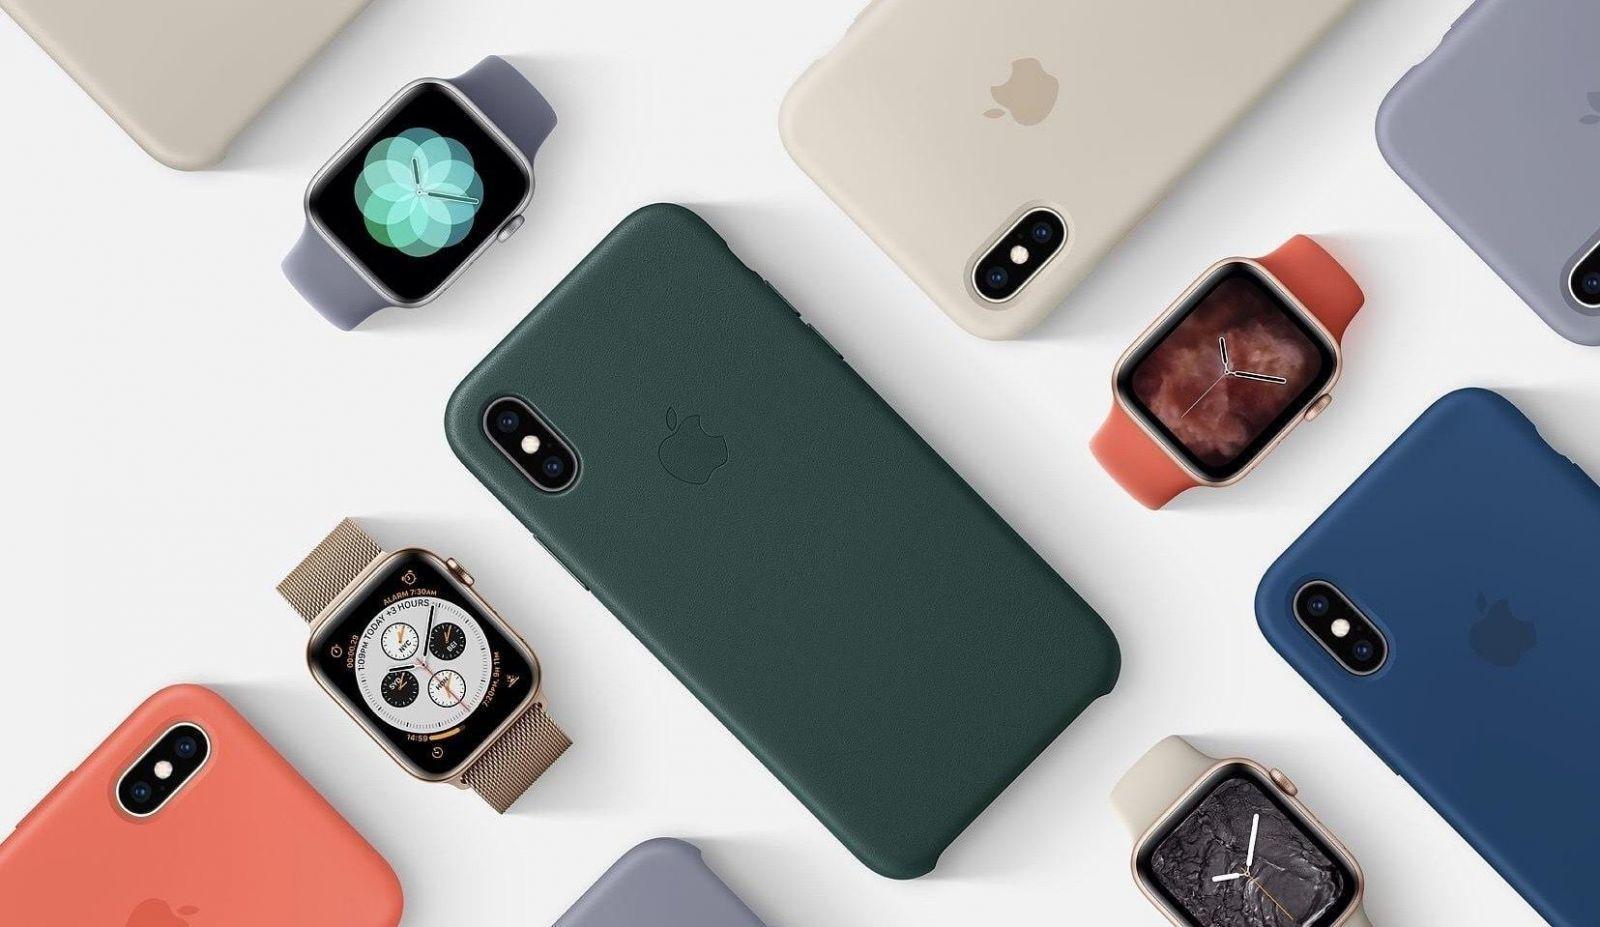 Apple выпустила шестые бета-версии для разработчиков iOS 12.2, watchOS 5.2, tvOS 12.2, macOS 10.14.4 (2018 09 12 18 49 48)